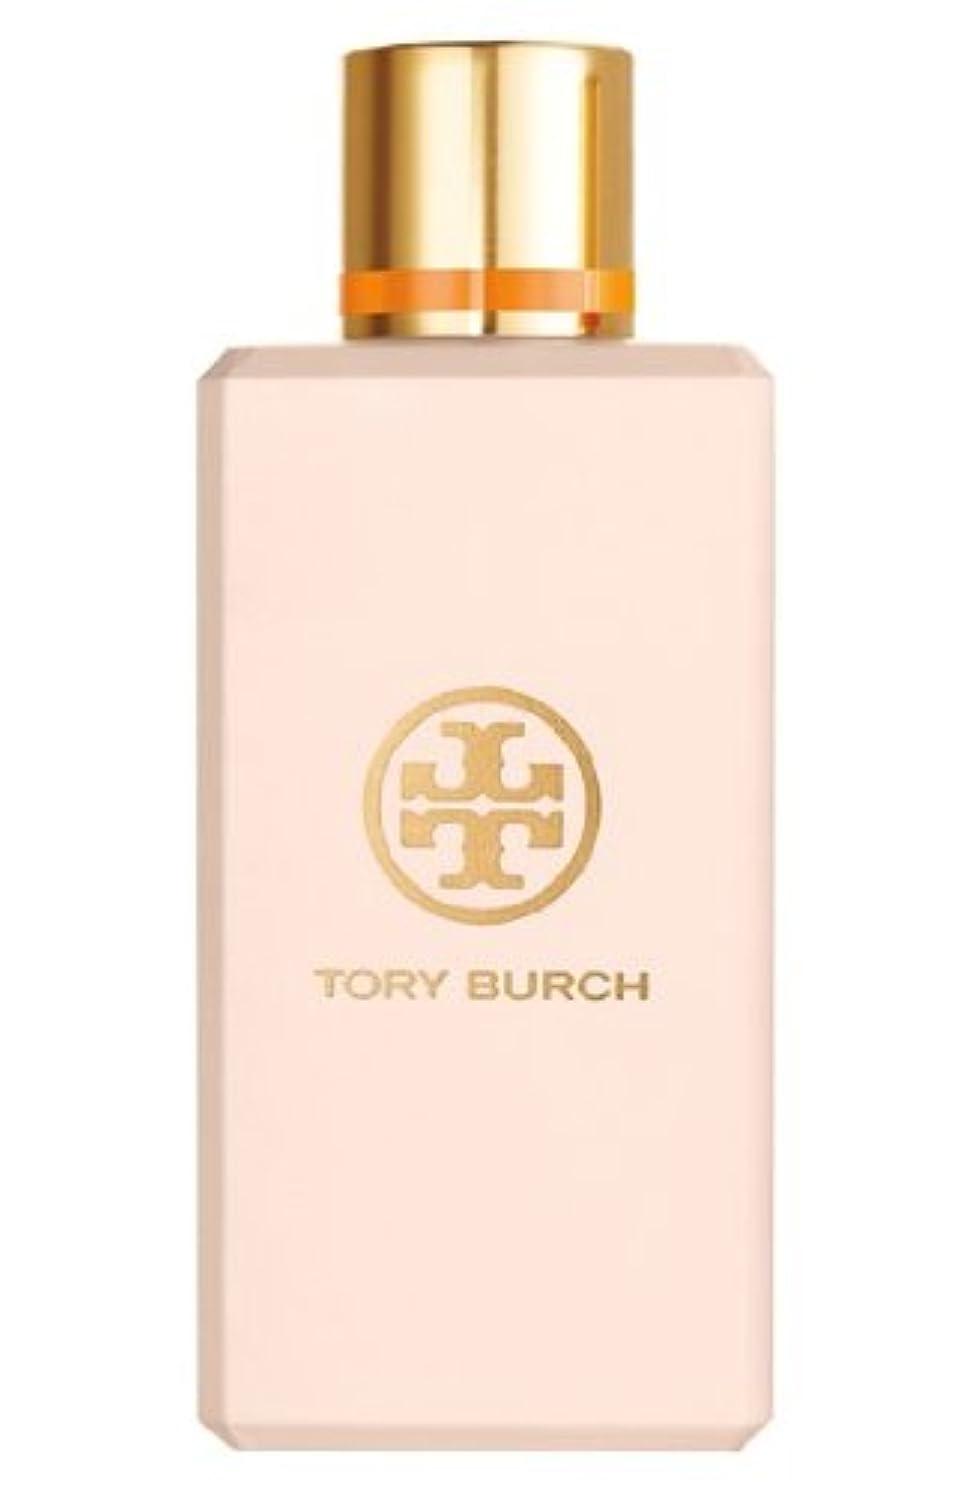 プレフィックス疫病なめるTory Burch (トリー バーチ) 7.6 oz (228ml) Body Lotion (ボディーローション) for Women